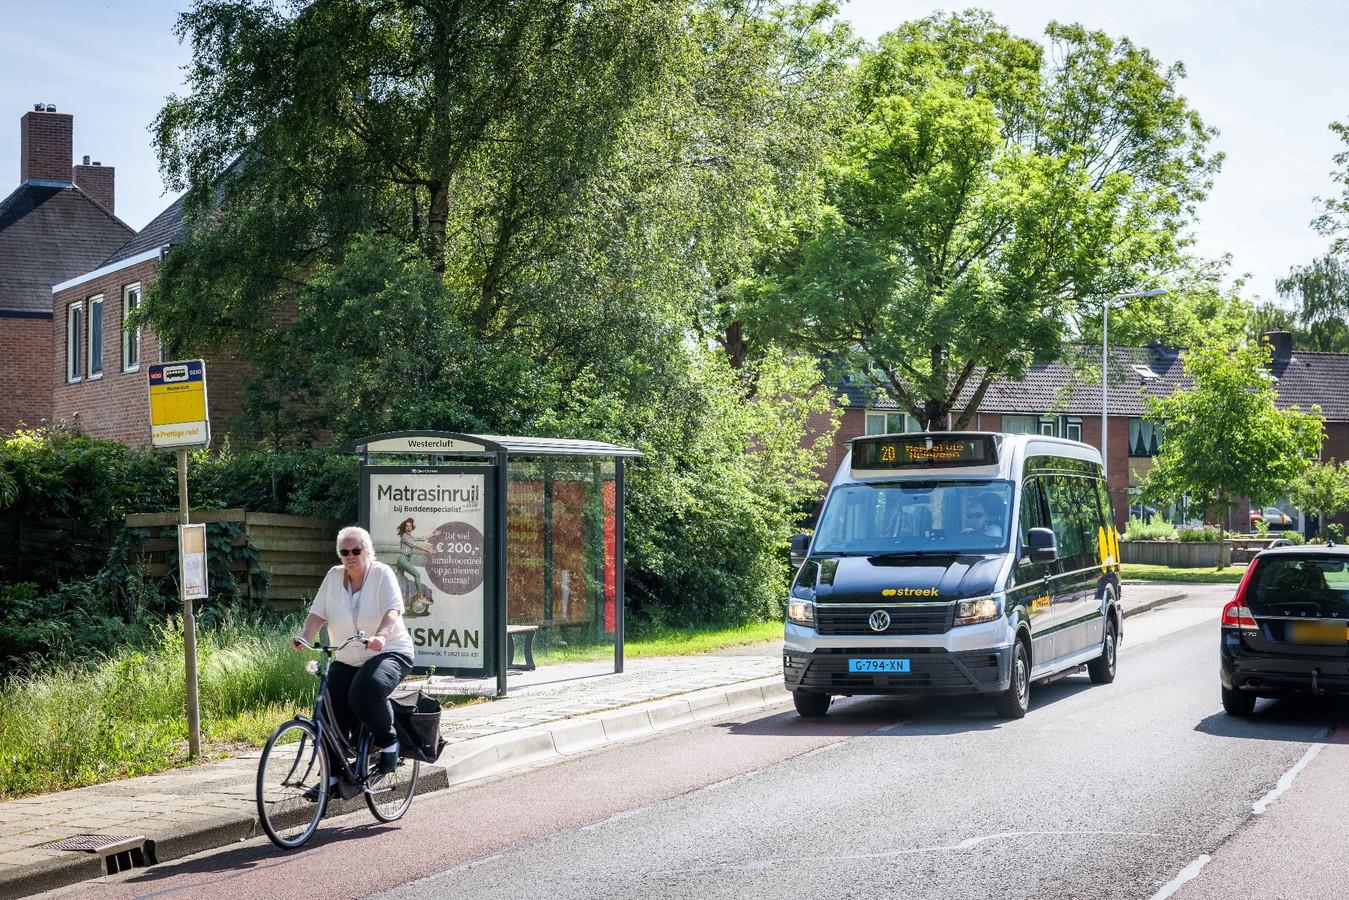 Rijdt bus 20 van Assen naar Meppel straks niet meer door de wijk Oostermeenthe in Steenwijk?